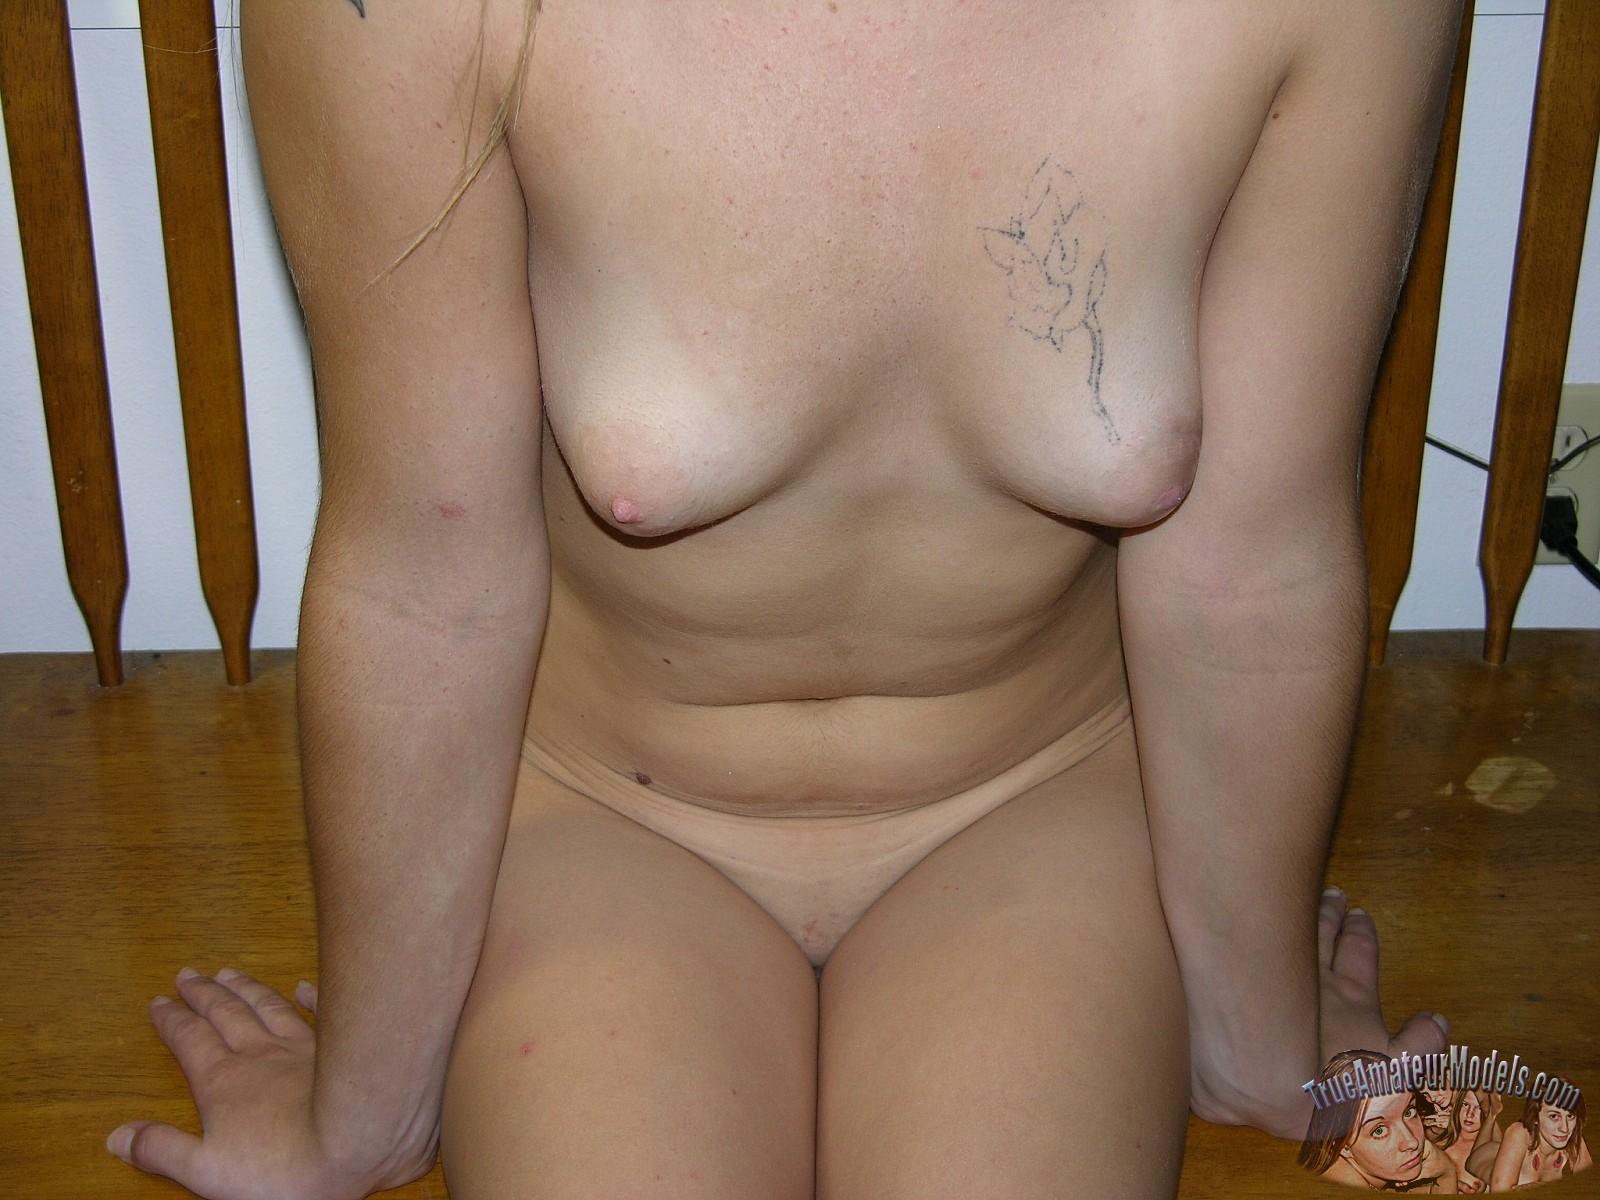 Cum midget pussy ass cream